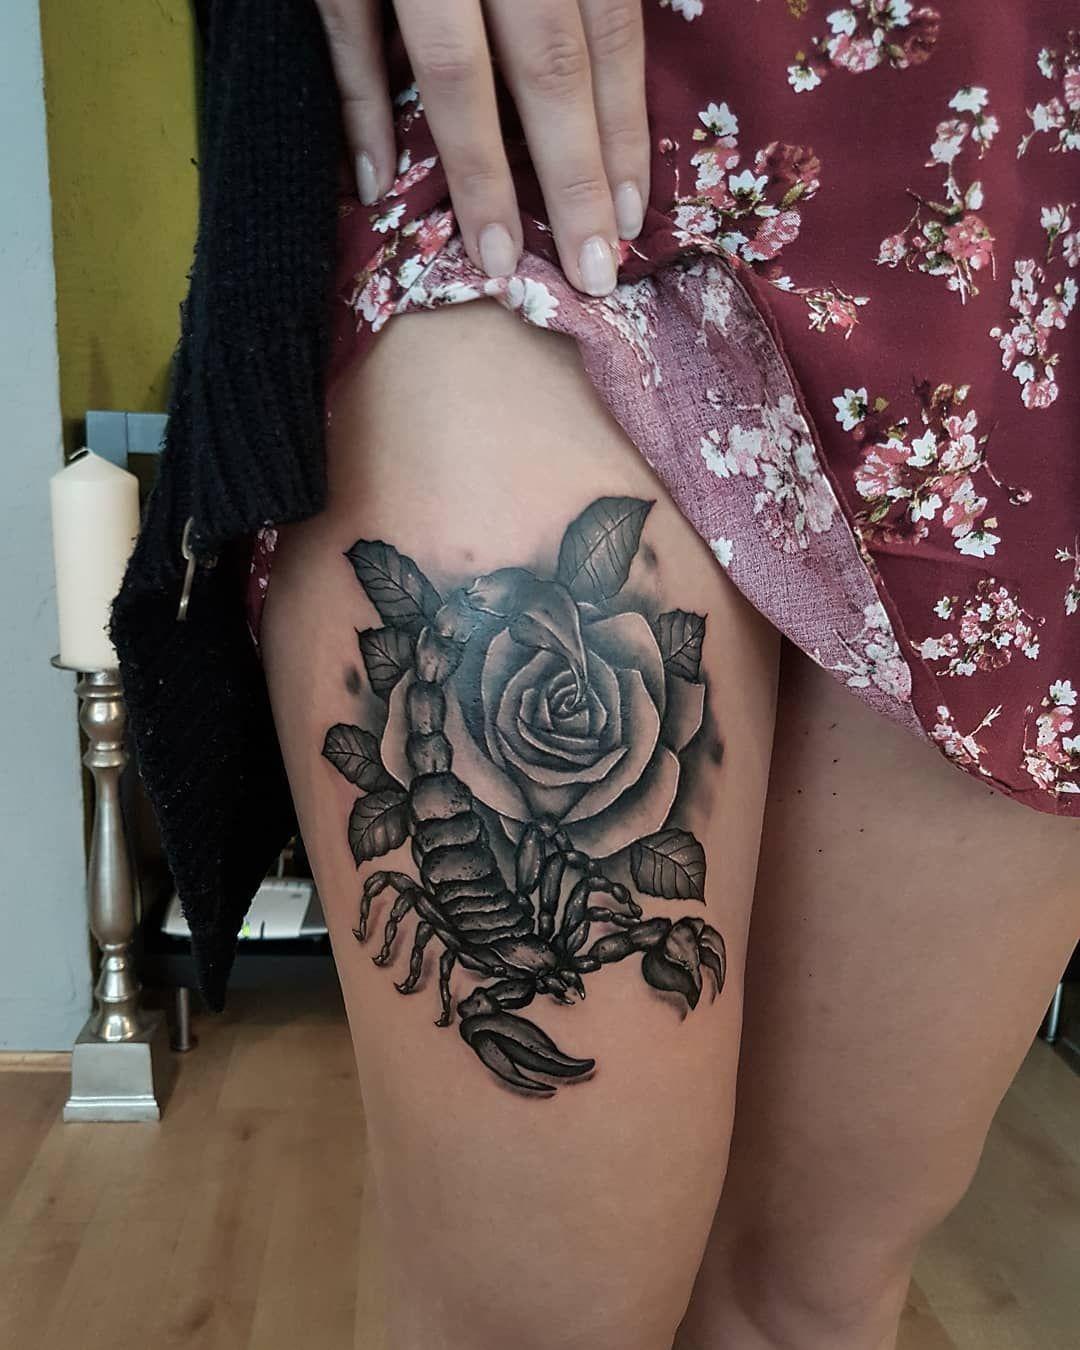 2405dba4d Meaning of Scorpion Tattoo tattoos,tattoos for women,tattoos for guys, tattoos for women small,tattoos for women half sleeve, #tattoos #ink  #bodyart ...